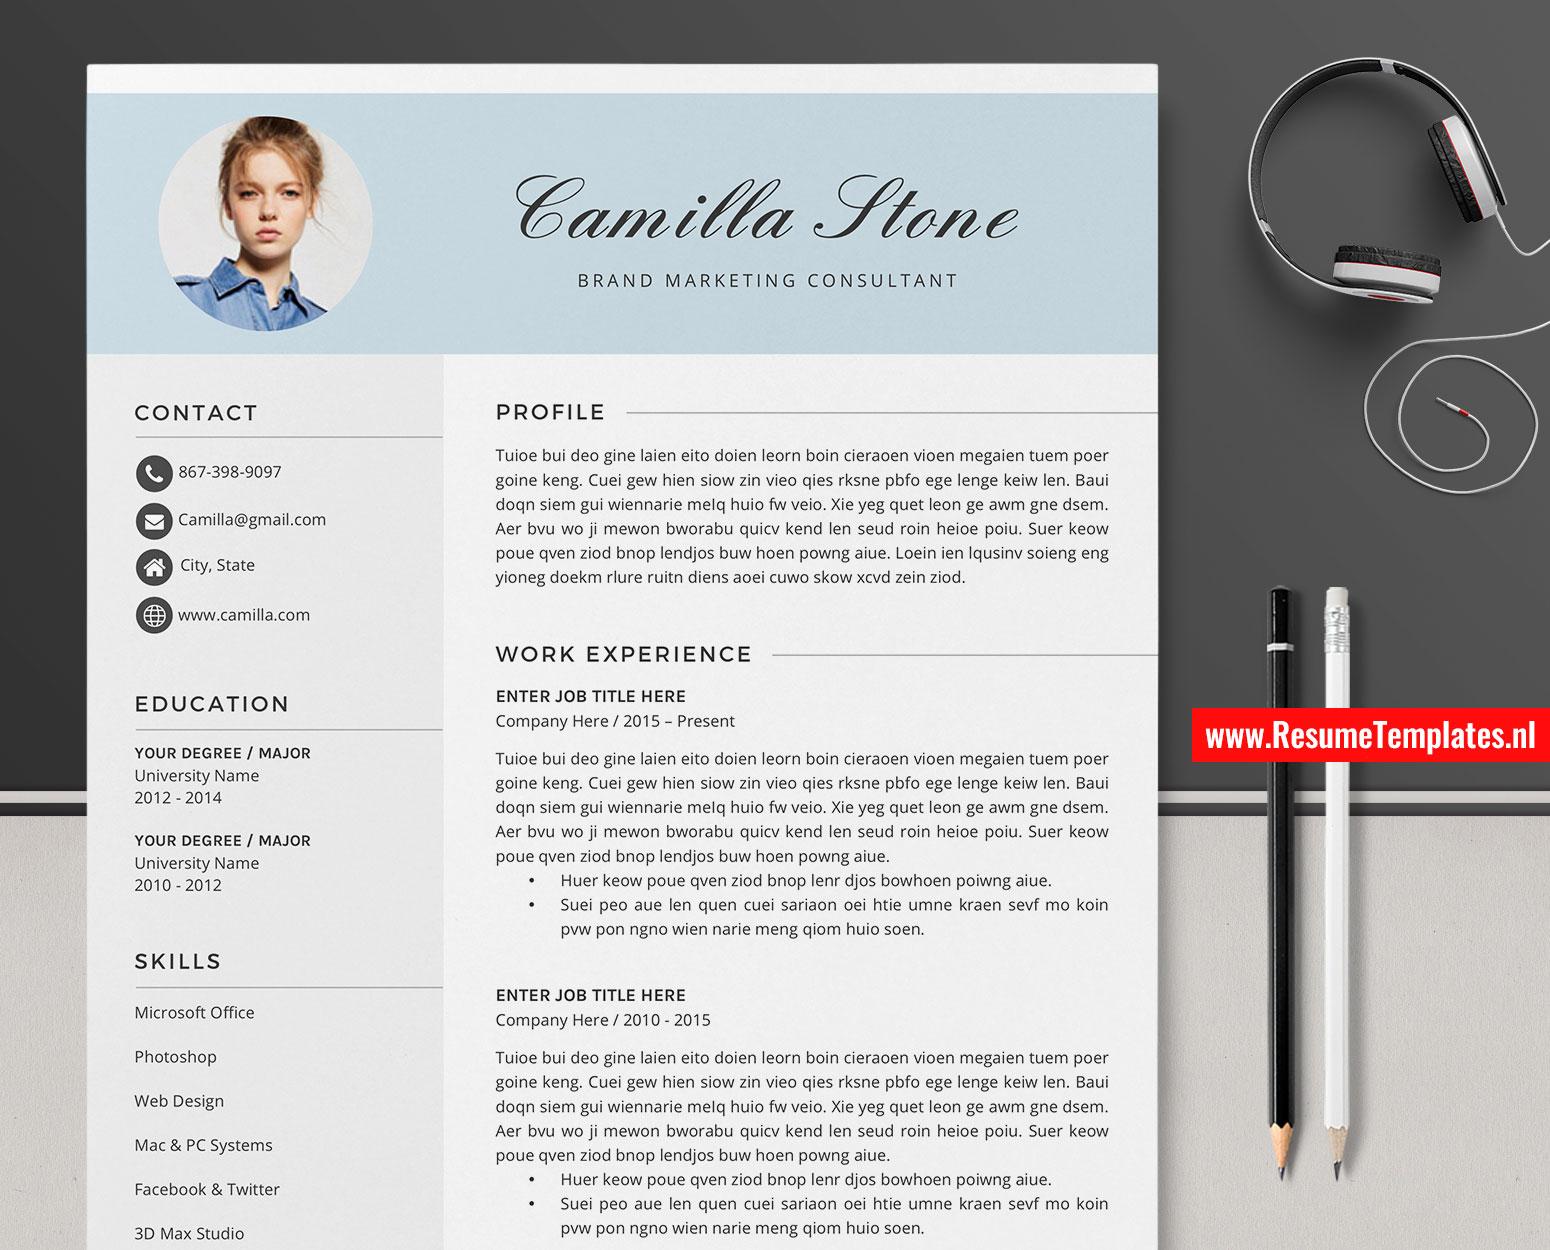 choosing resume template